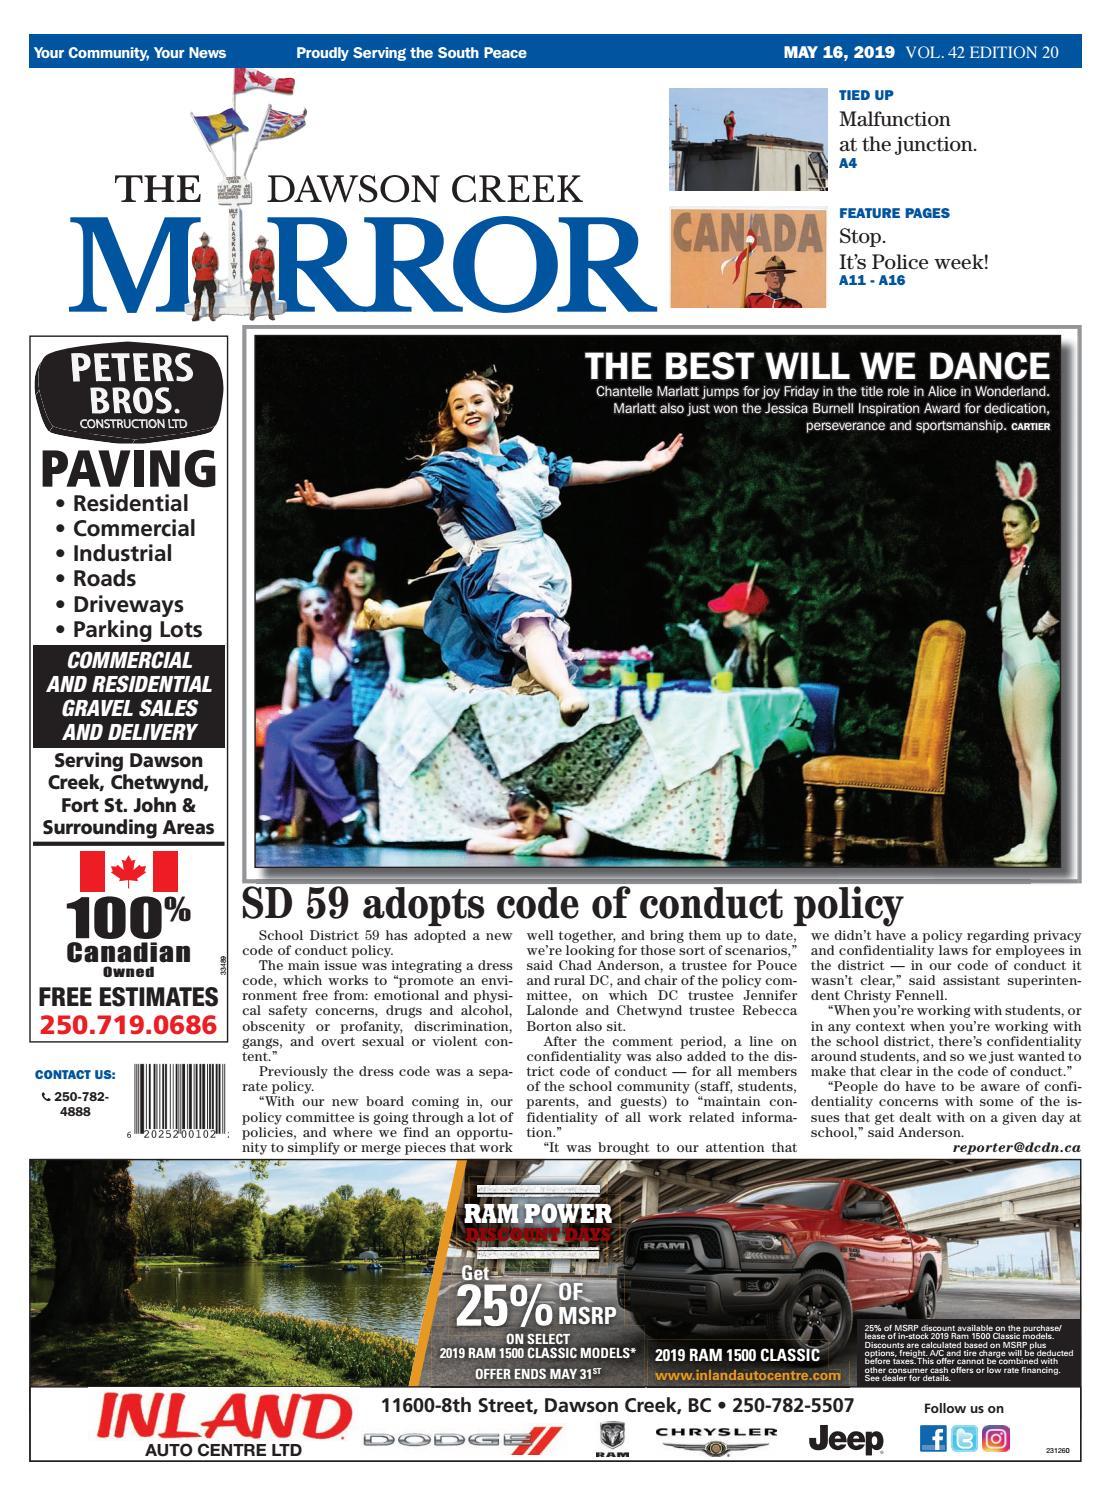 Dawson Creek Mirror 2019-0516 by The Mirror - issuu